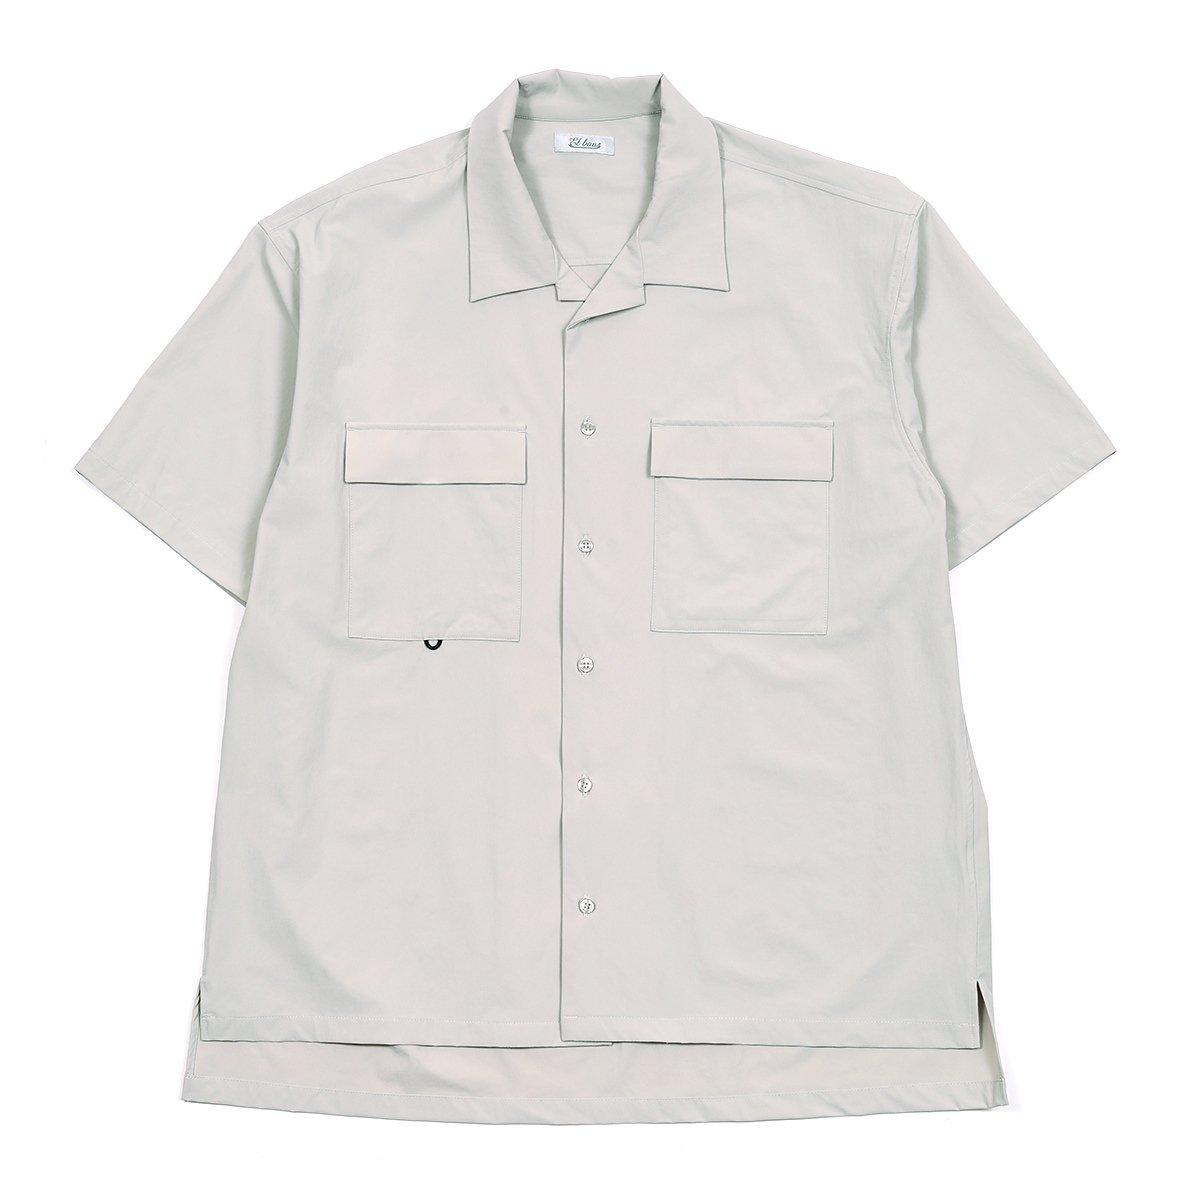 S/S W Pocket Shirts 詳細画像16